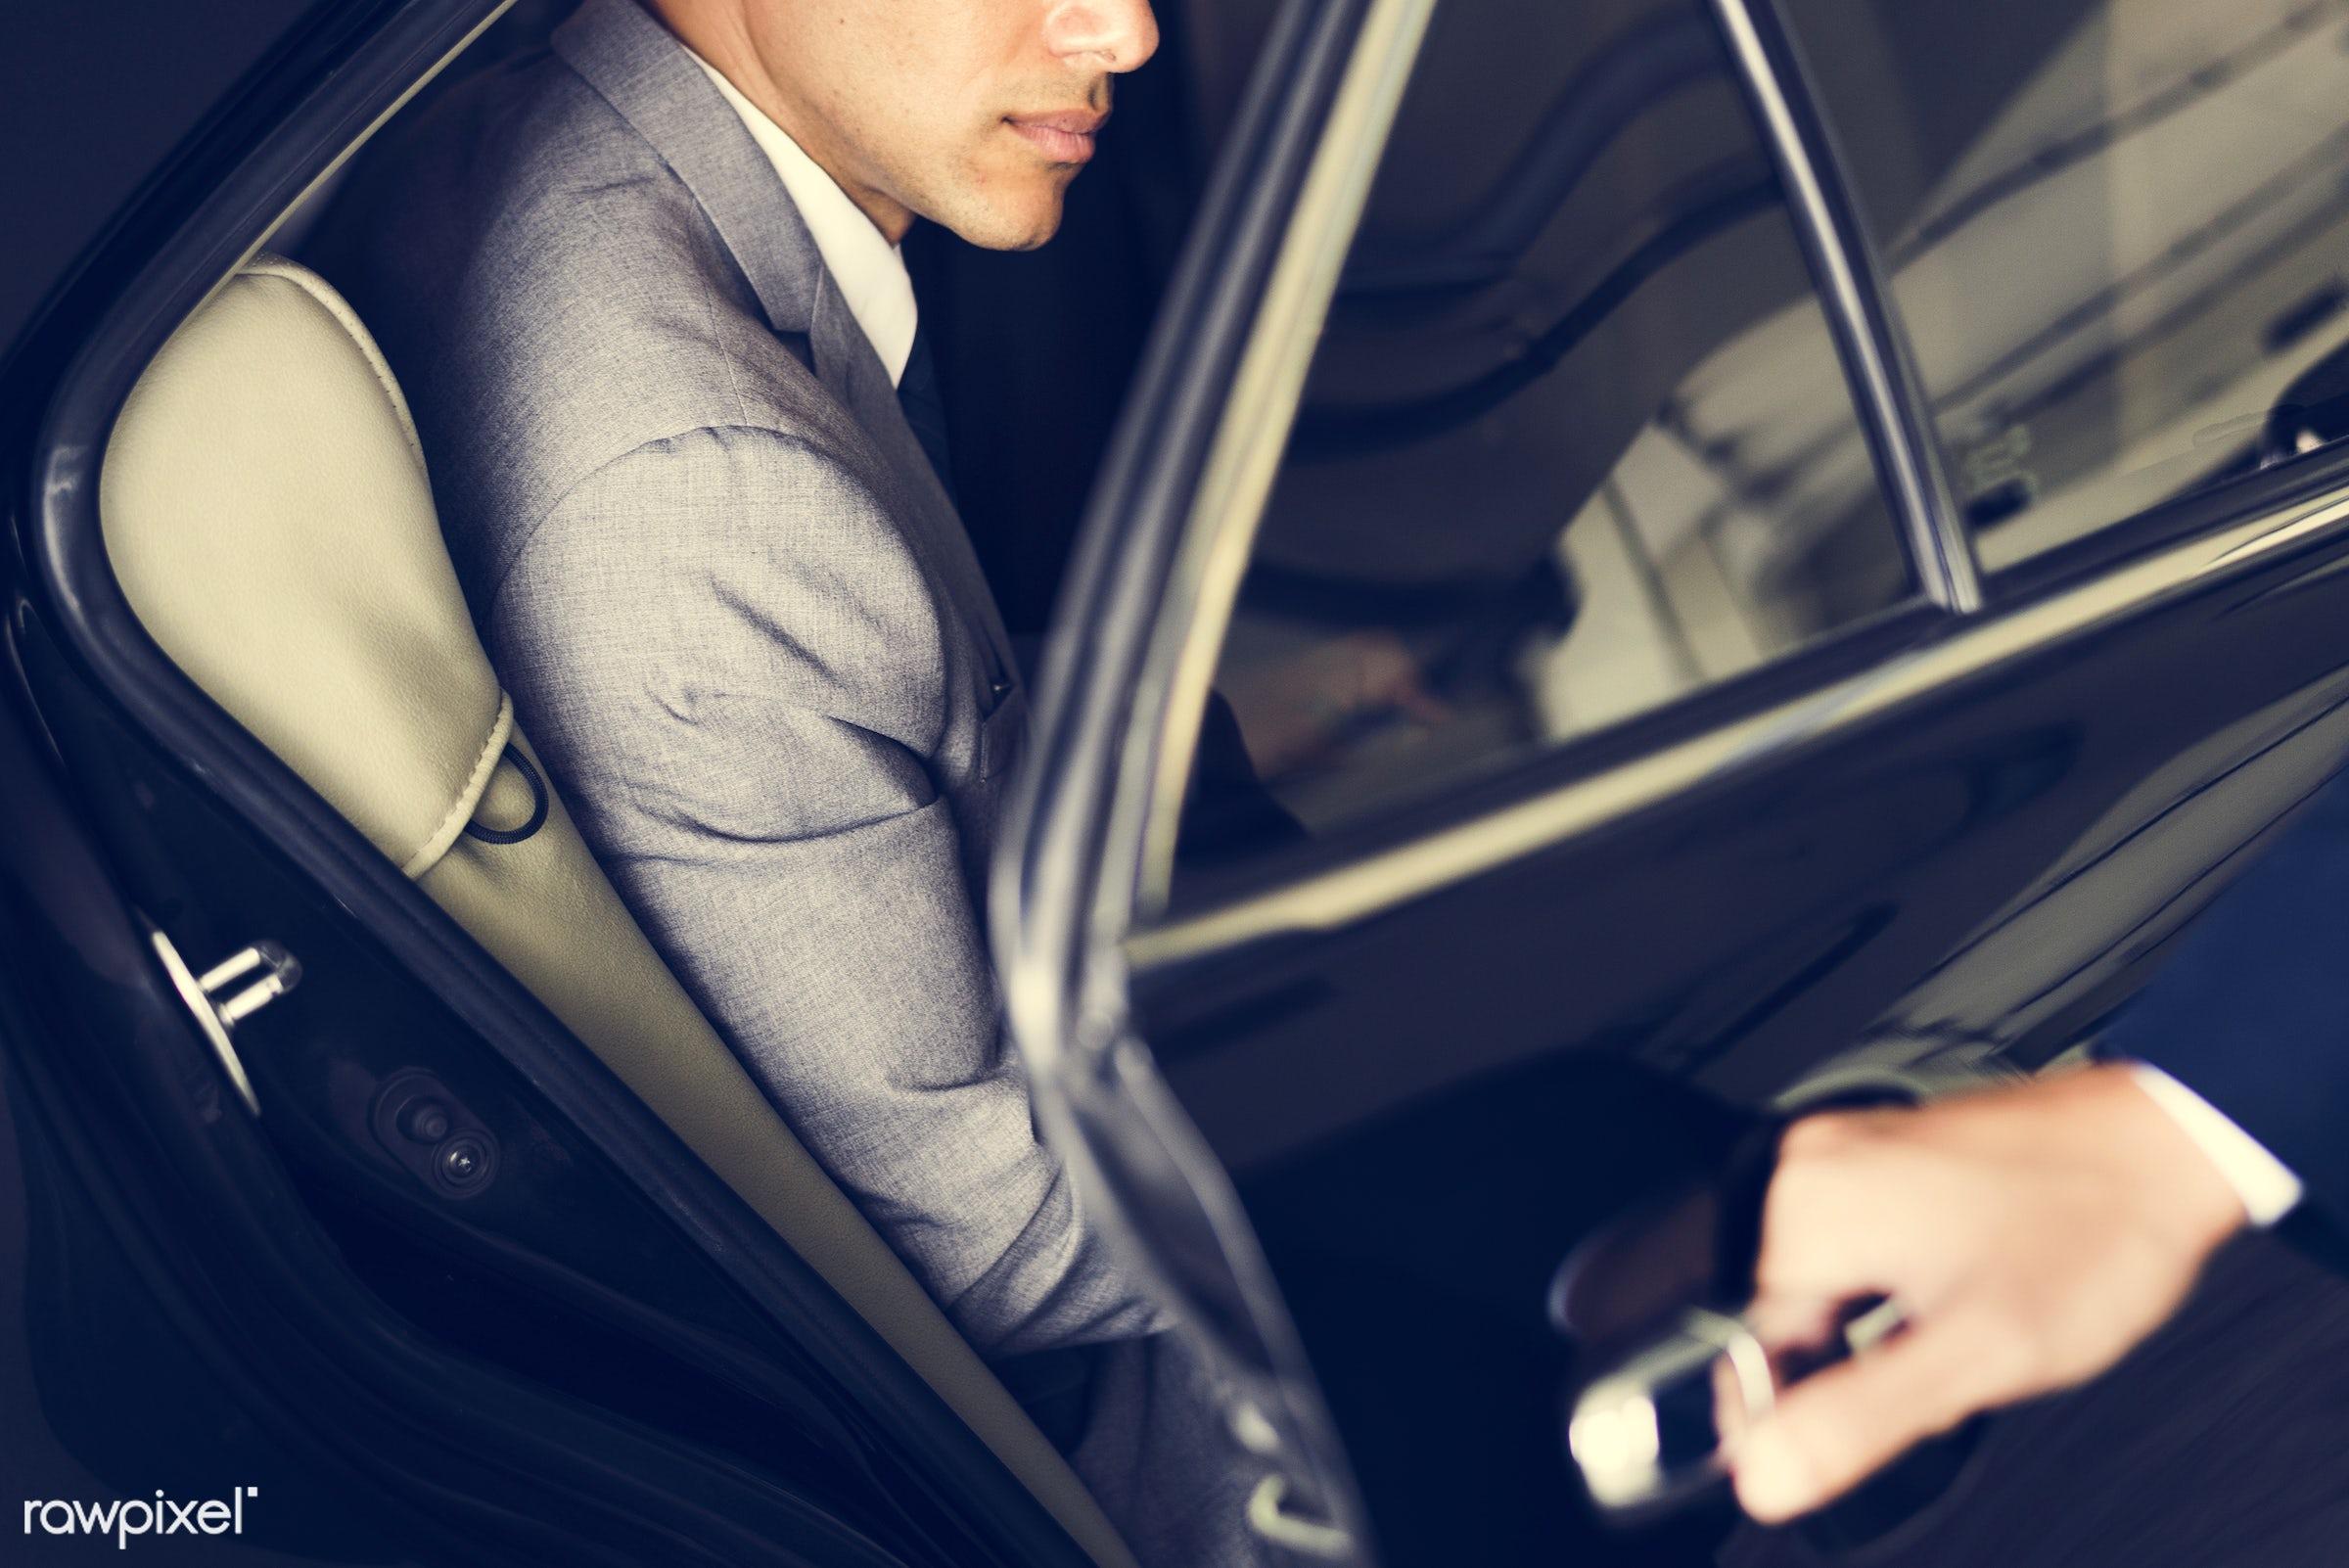 adult, business, businessman, businessmen, candid, car, car door, corporate, door, employee, ethnicity, formal, global...